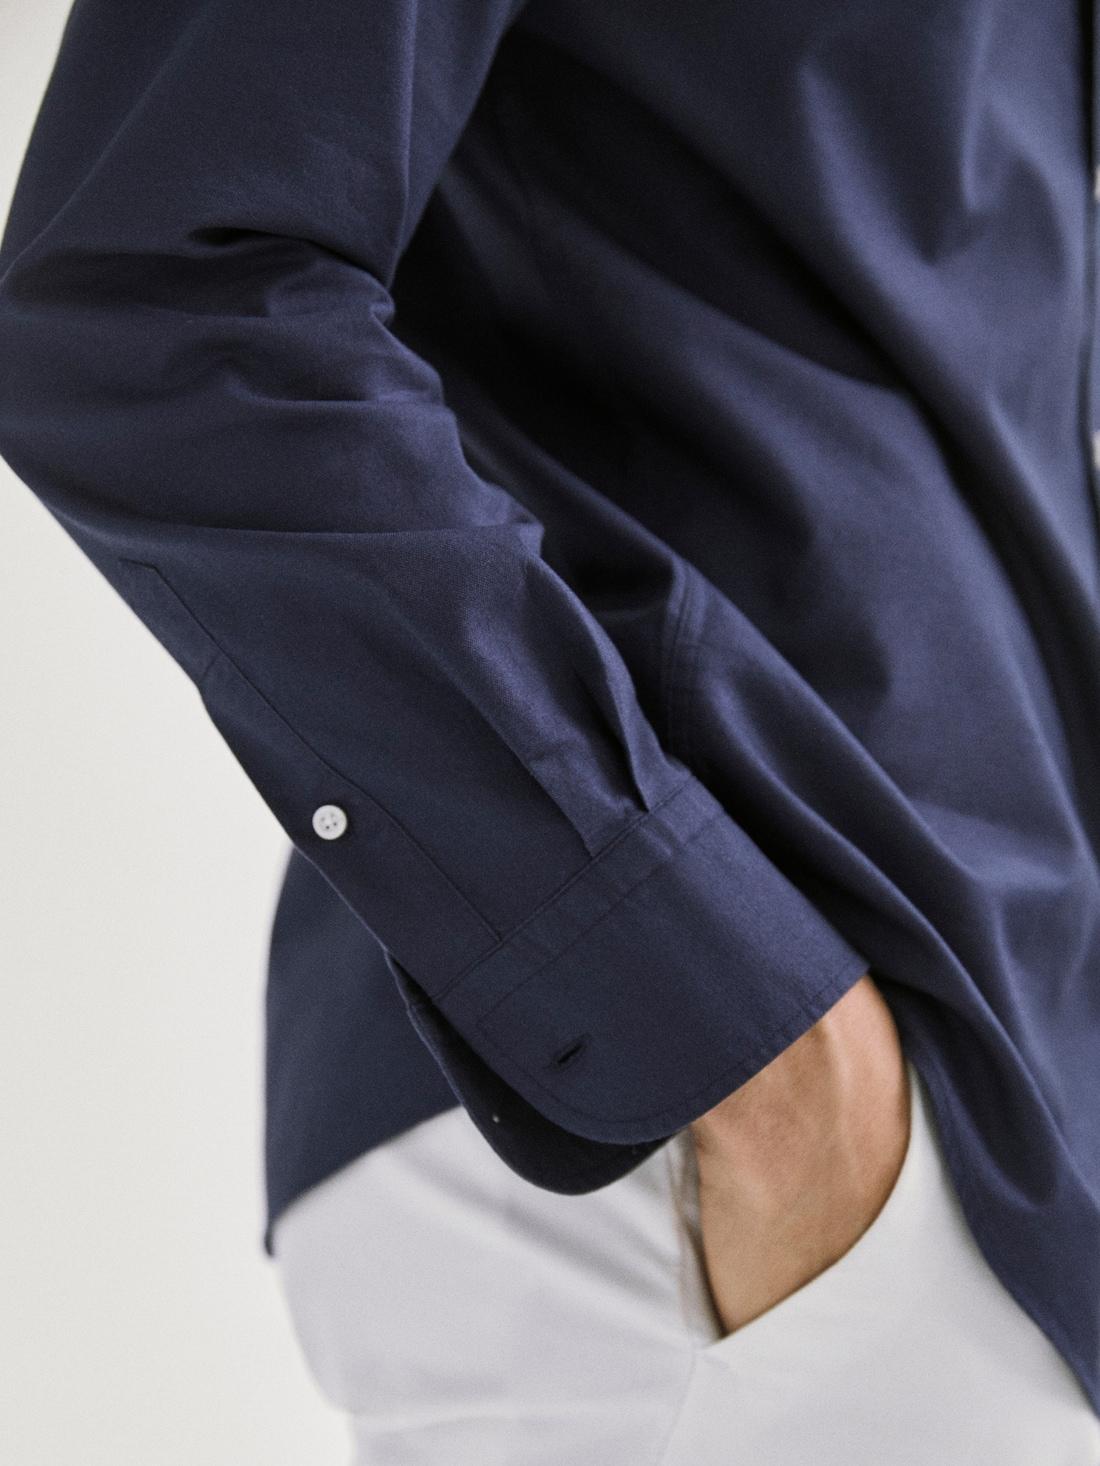 РУБАШКА КЛАССИЧЕСКОГО КРОЯ ИЗ ХЛОПКОВОЙ ТКАНИ ОКСФОРД ТЕМНО-СИНИЙ Massimo Dutti